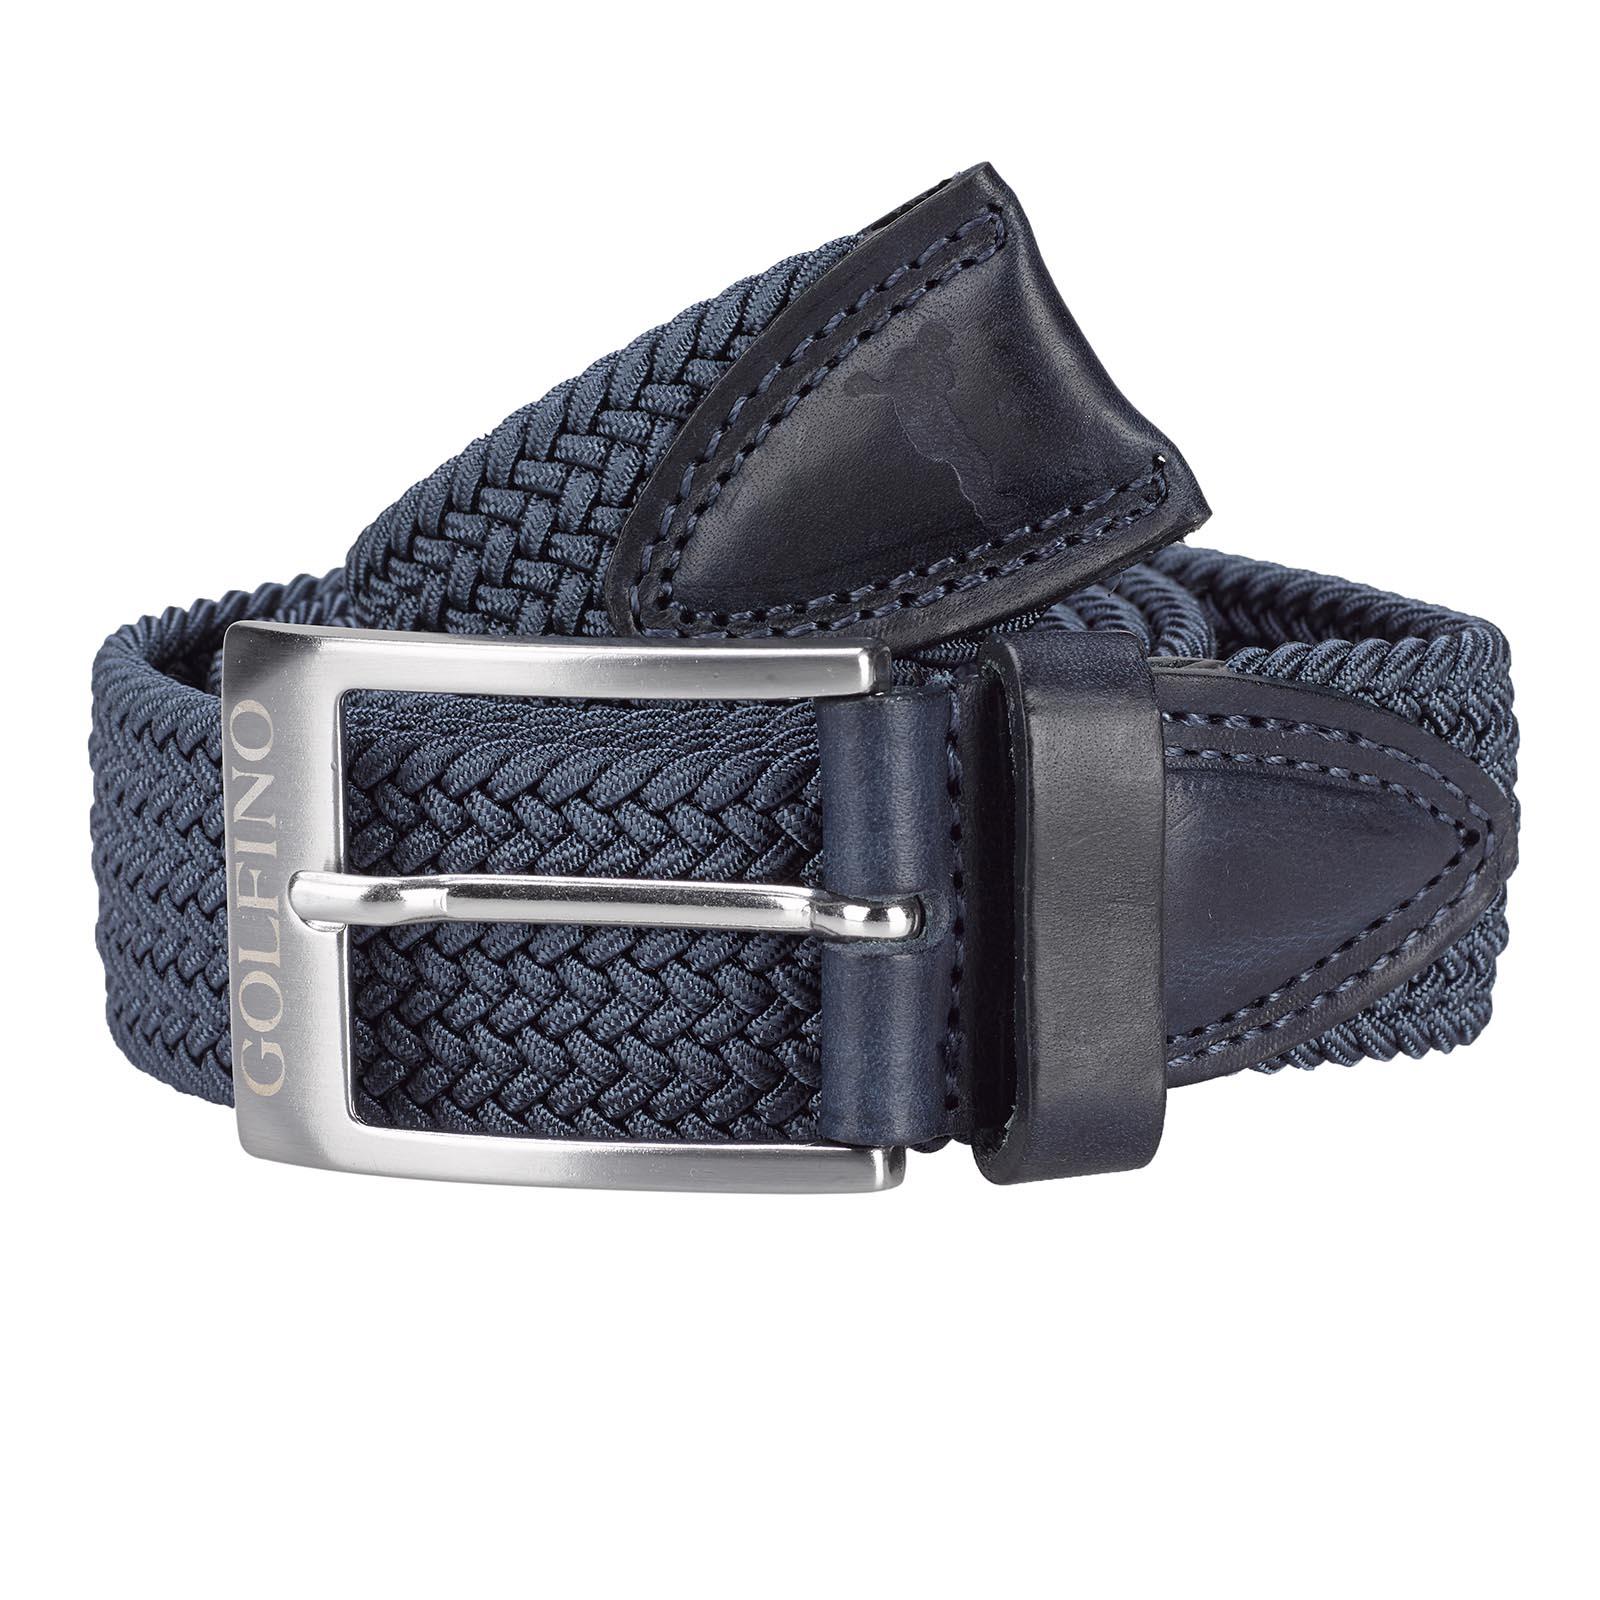 Herren Golf Stretchgürtel mit hochwertigem Besatz aus echtem Leder